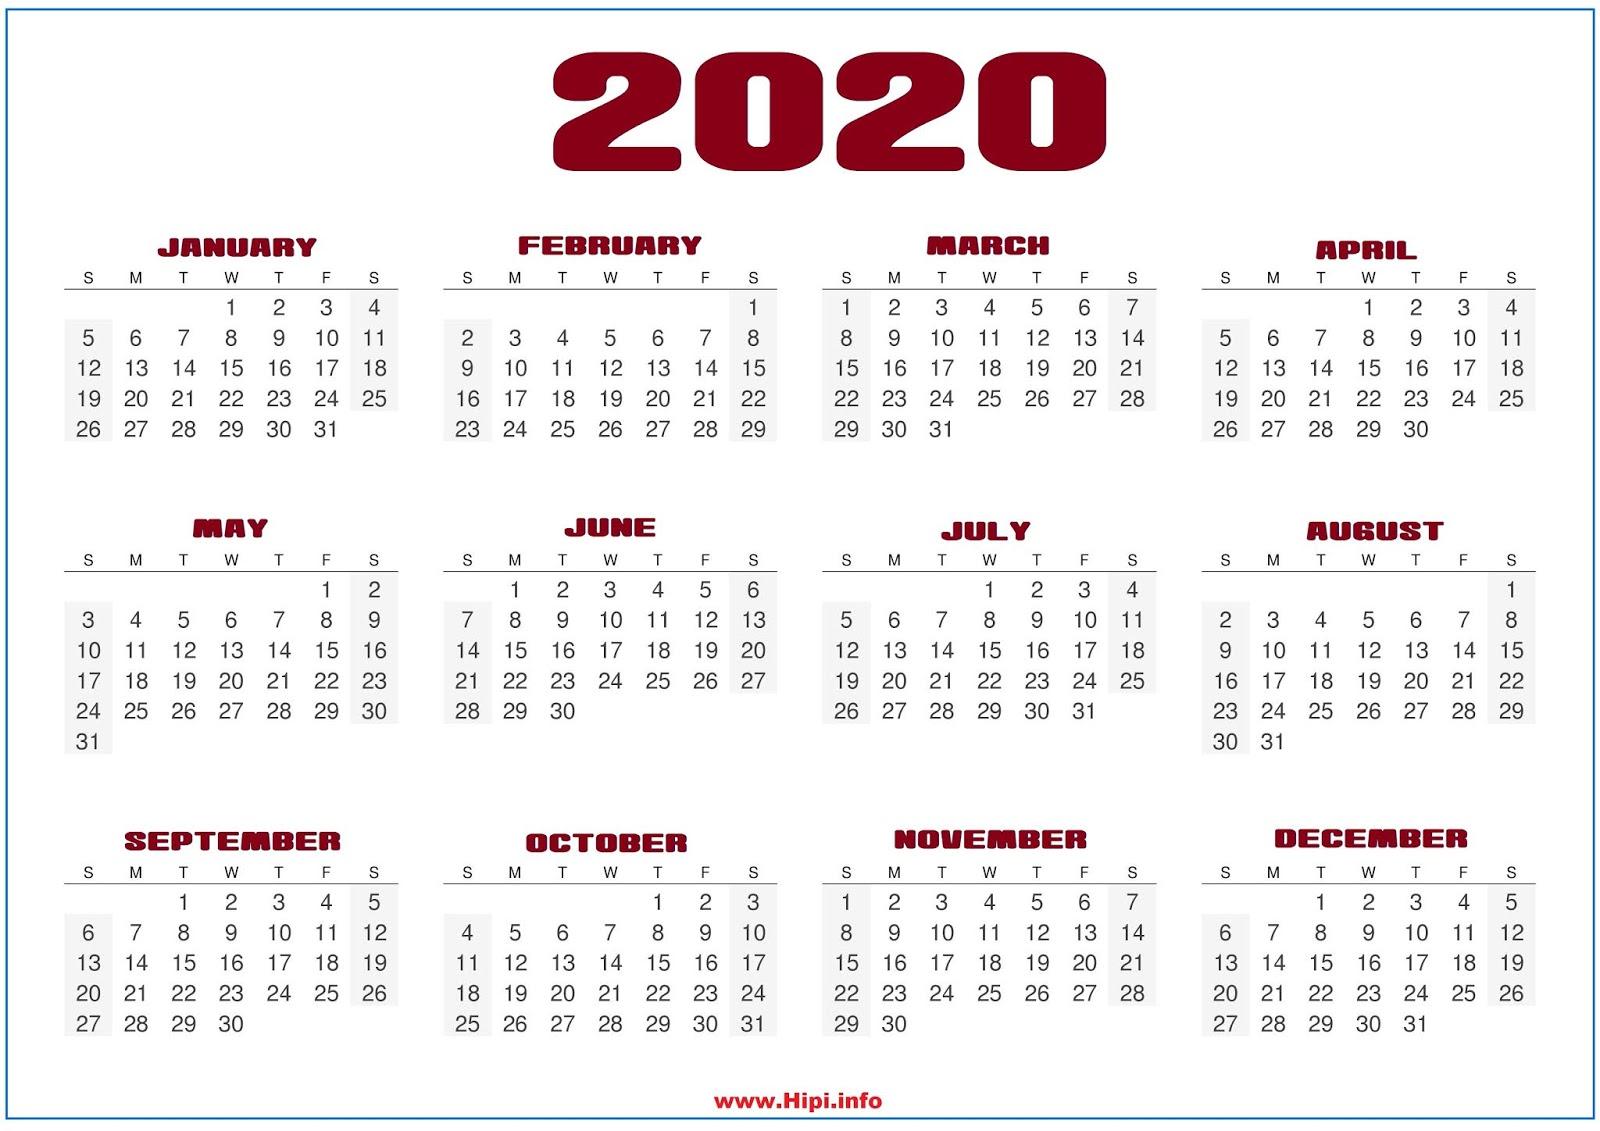 Calendar Wallpaper 2020 Twitter Headers / Facebook Covers / Wallpapers / Calendars: 2020